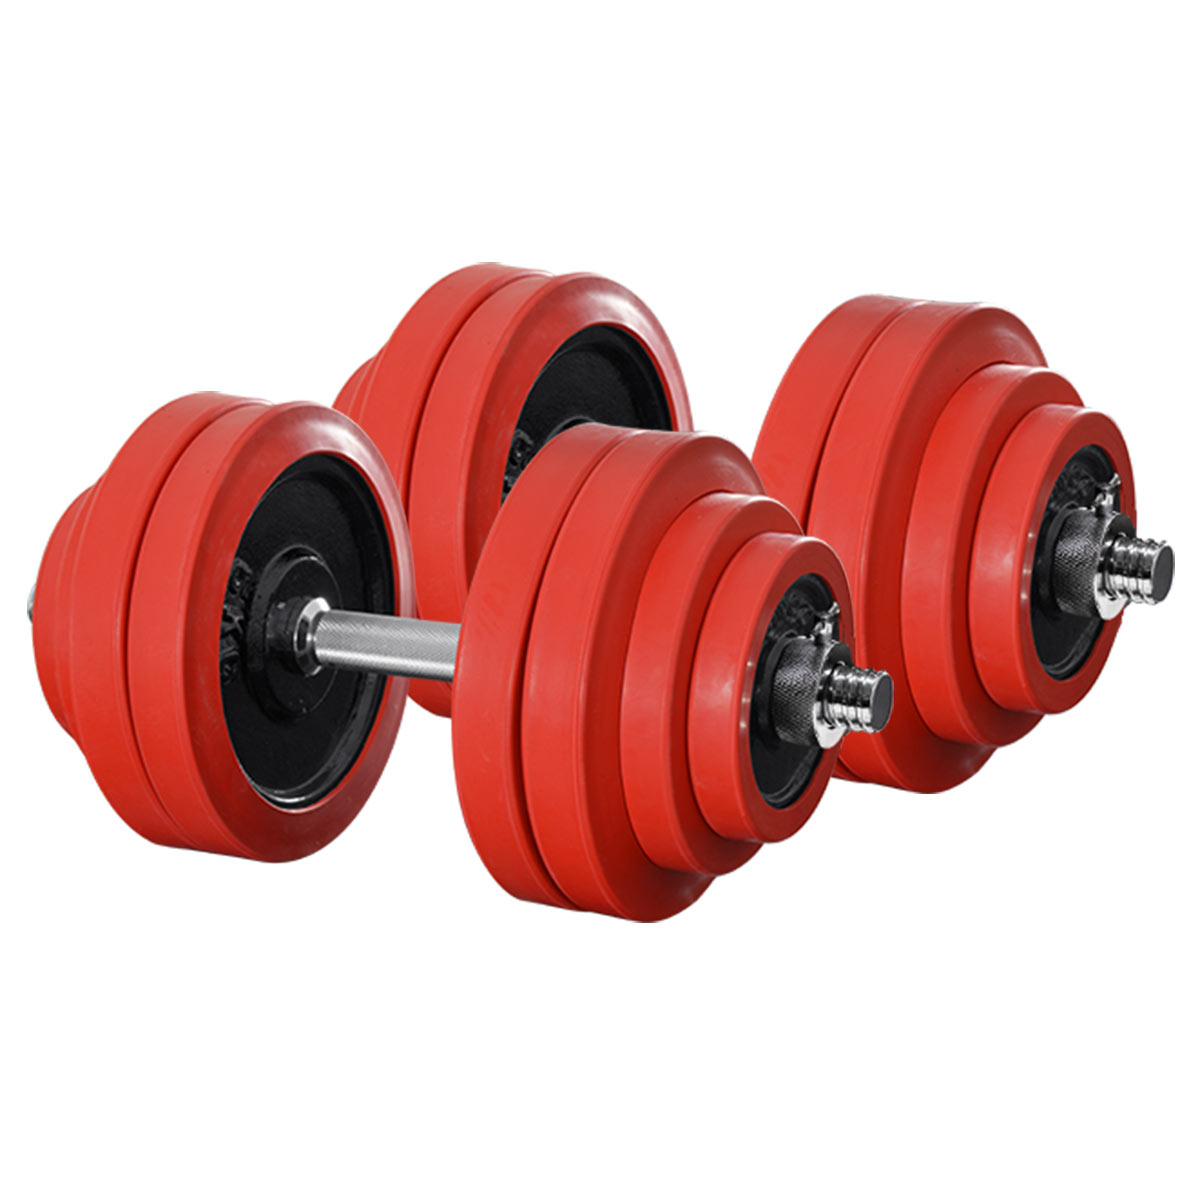 〈1年保証〉ダンベル 30kg 2個セット ラバーダンベル 60kgセット【ダンベルセット 計 60kg 30kg 2個】ラバー付き ダンベル 30kg ダンベル 60kg セット プレート 筋トレ 鉄アレイ 30kg×2 5kg 10kg 15kg 20kg 25kg set[送料無料]